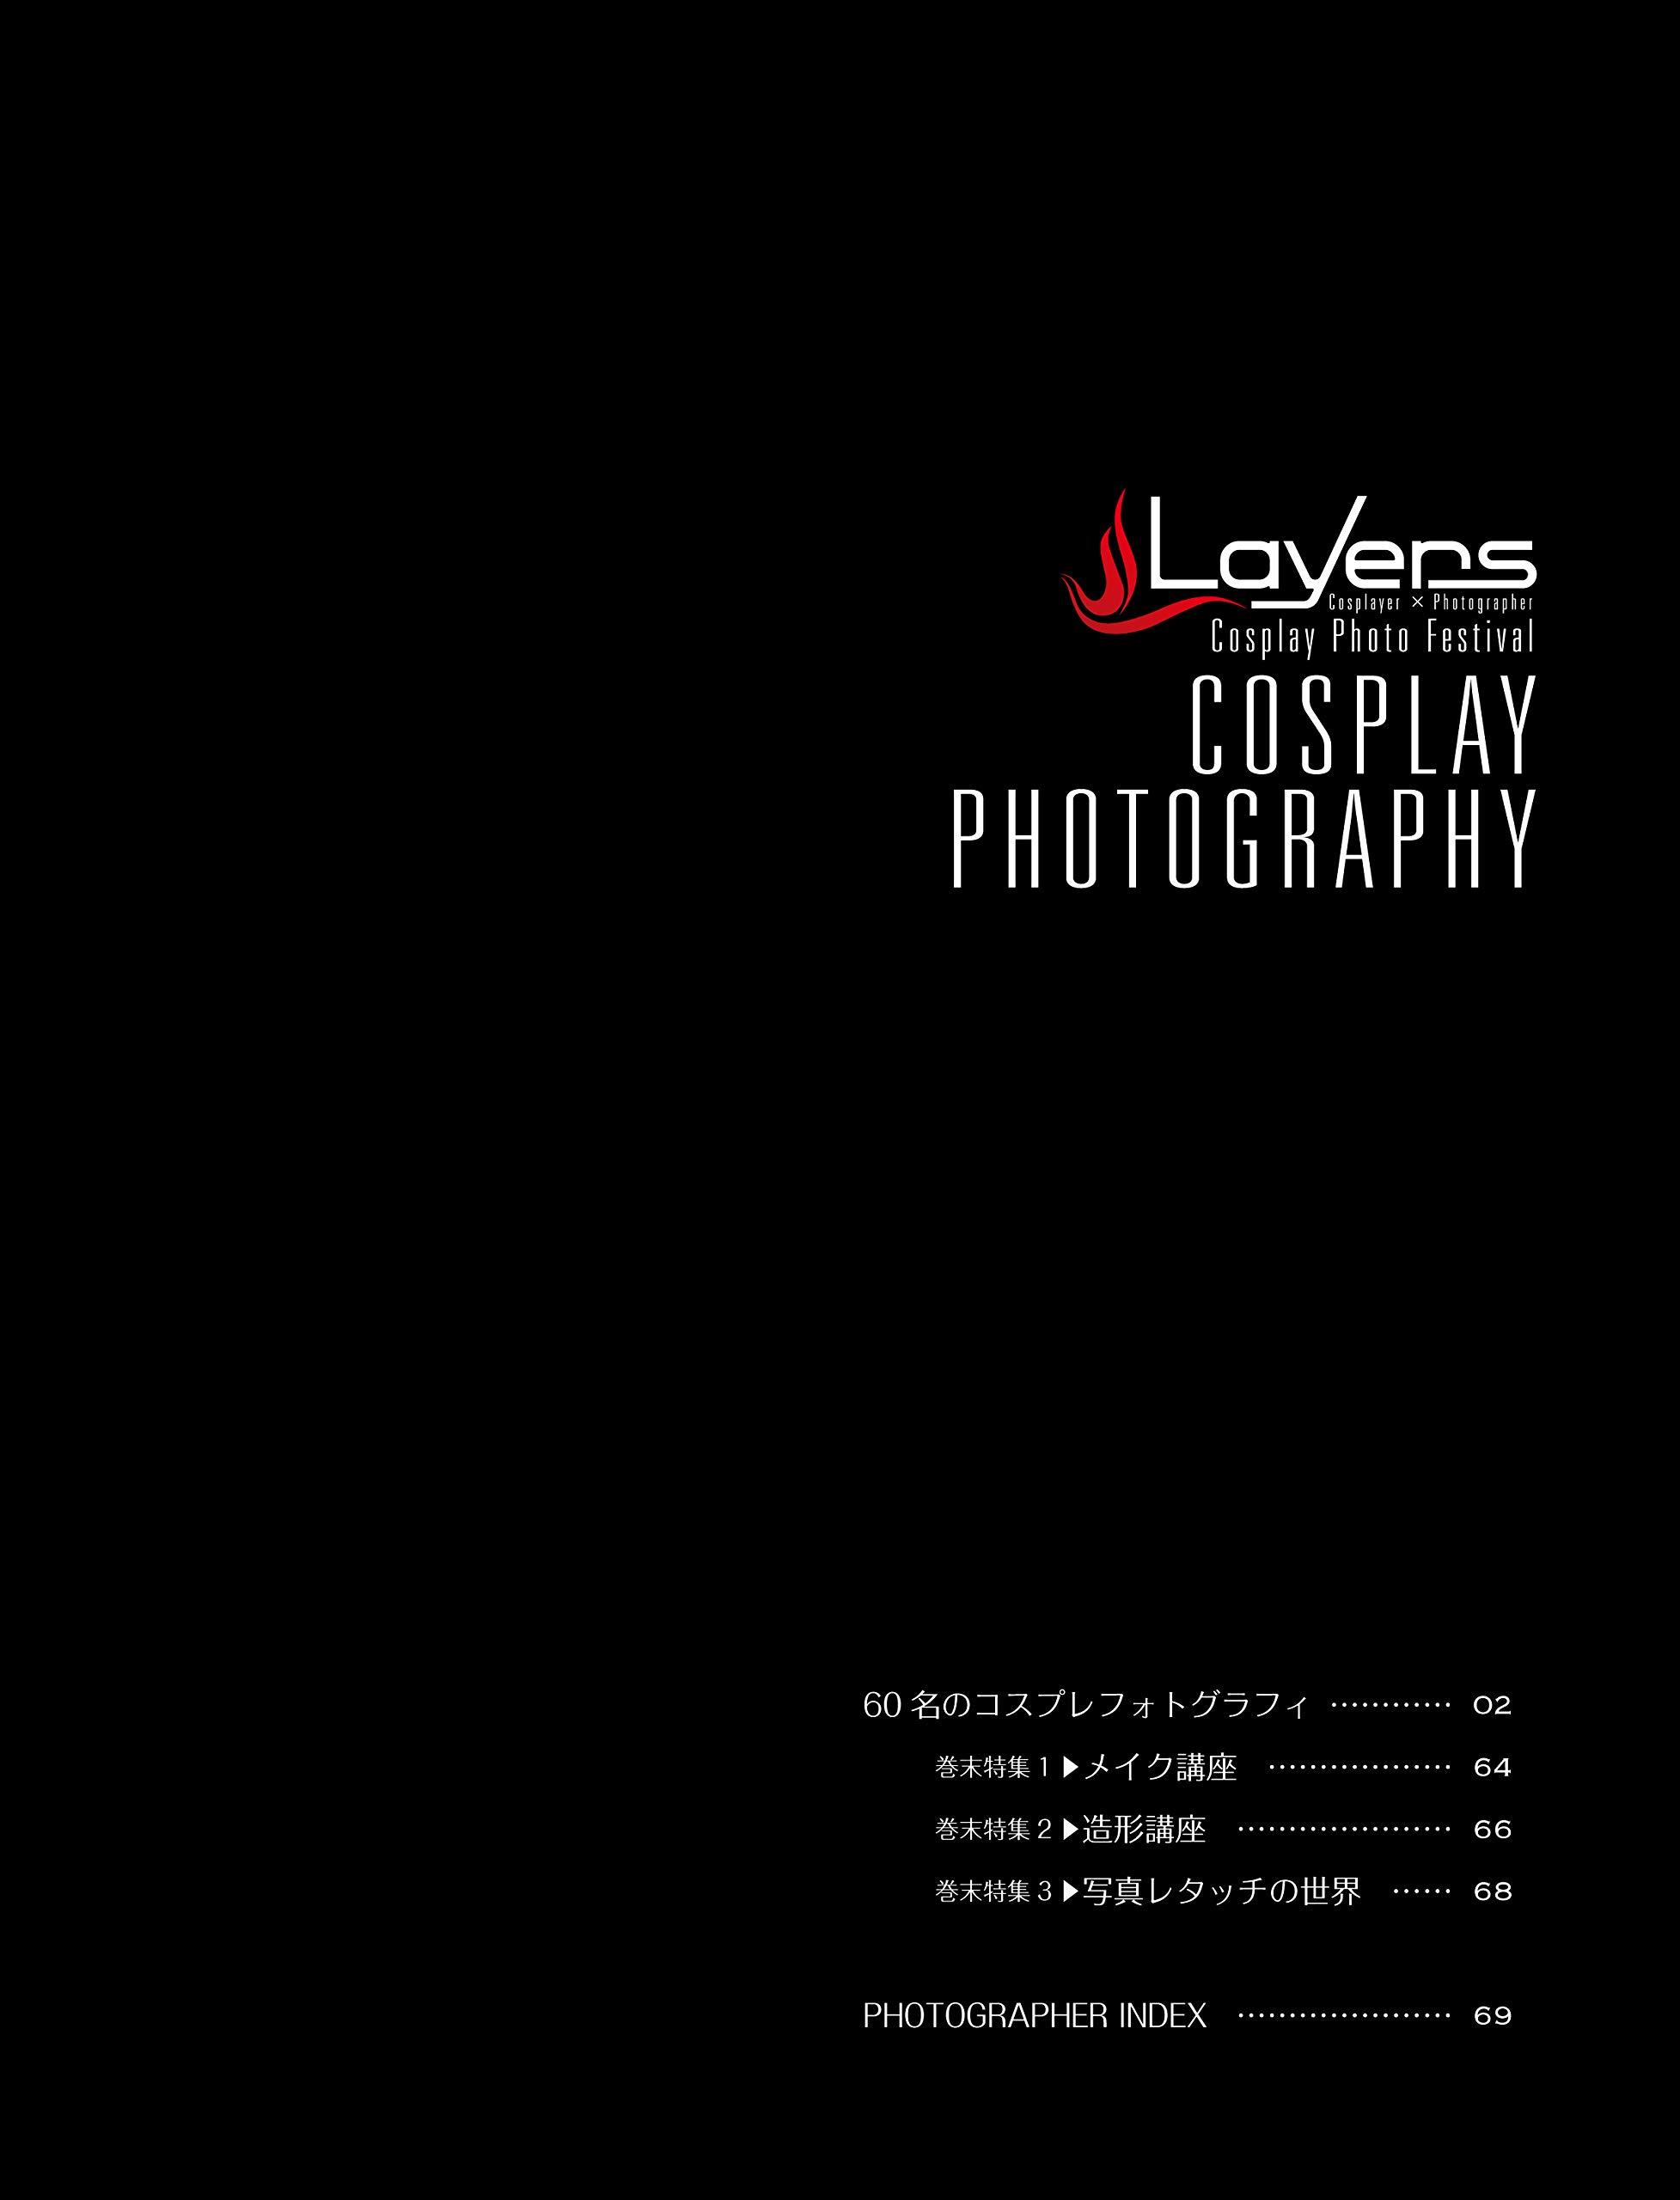 「Layers レイヤーズ」 コスプレフォトグラフィ